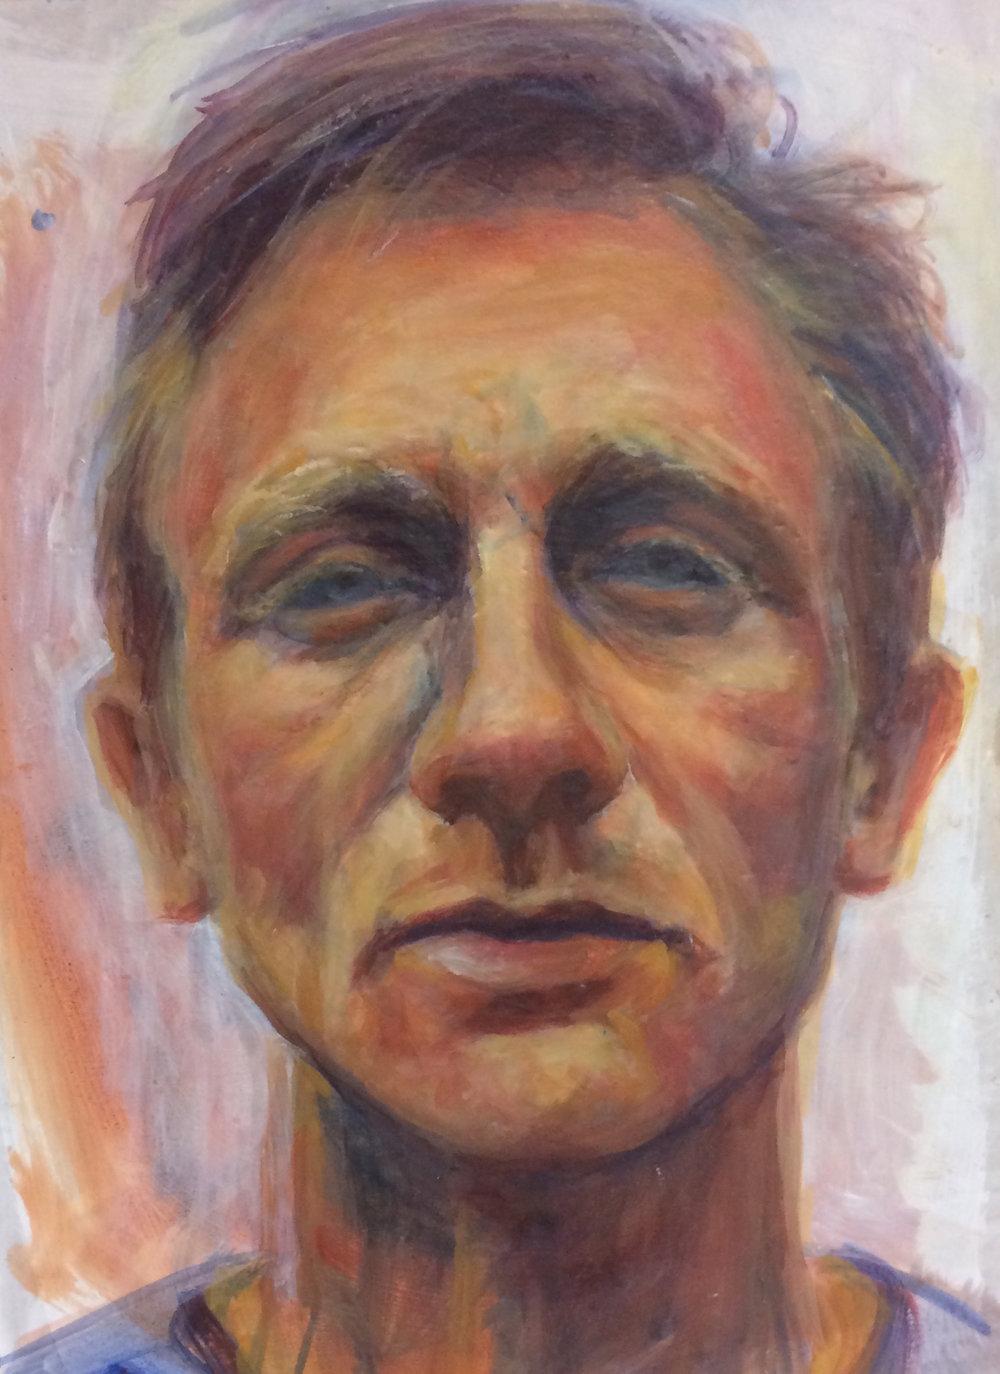 Daniel Craig,  Oil on card, 24 x 34 cm